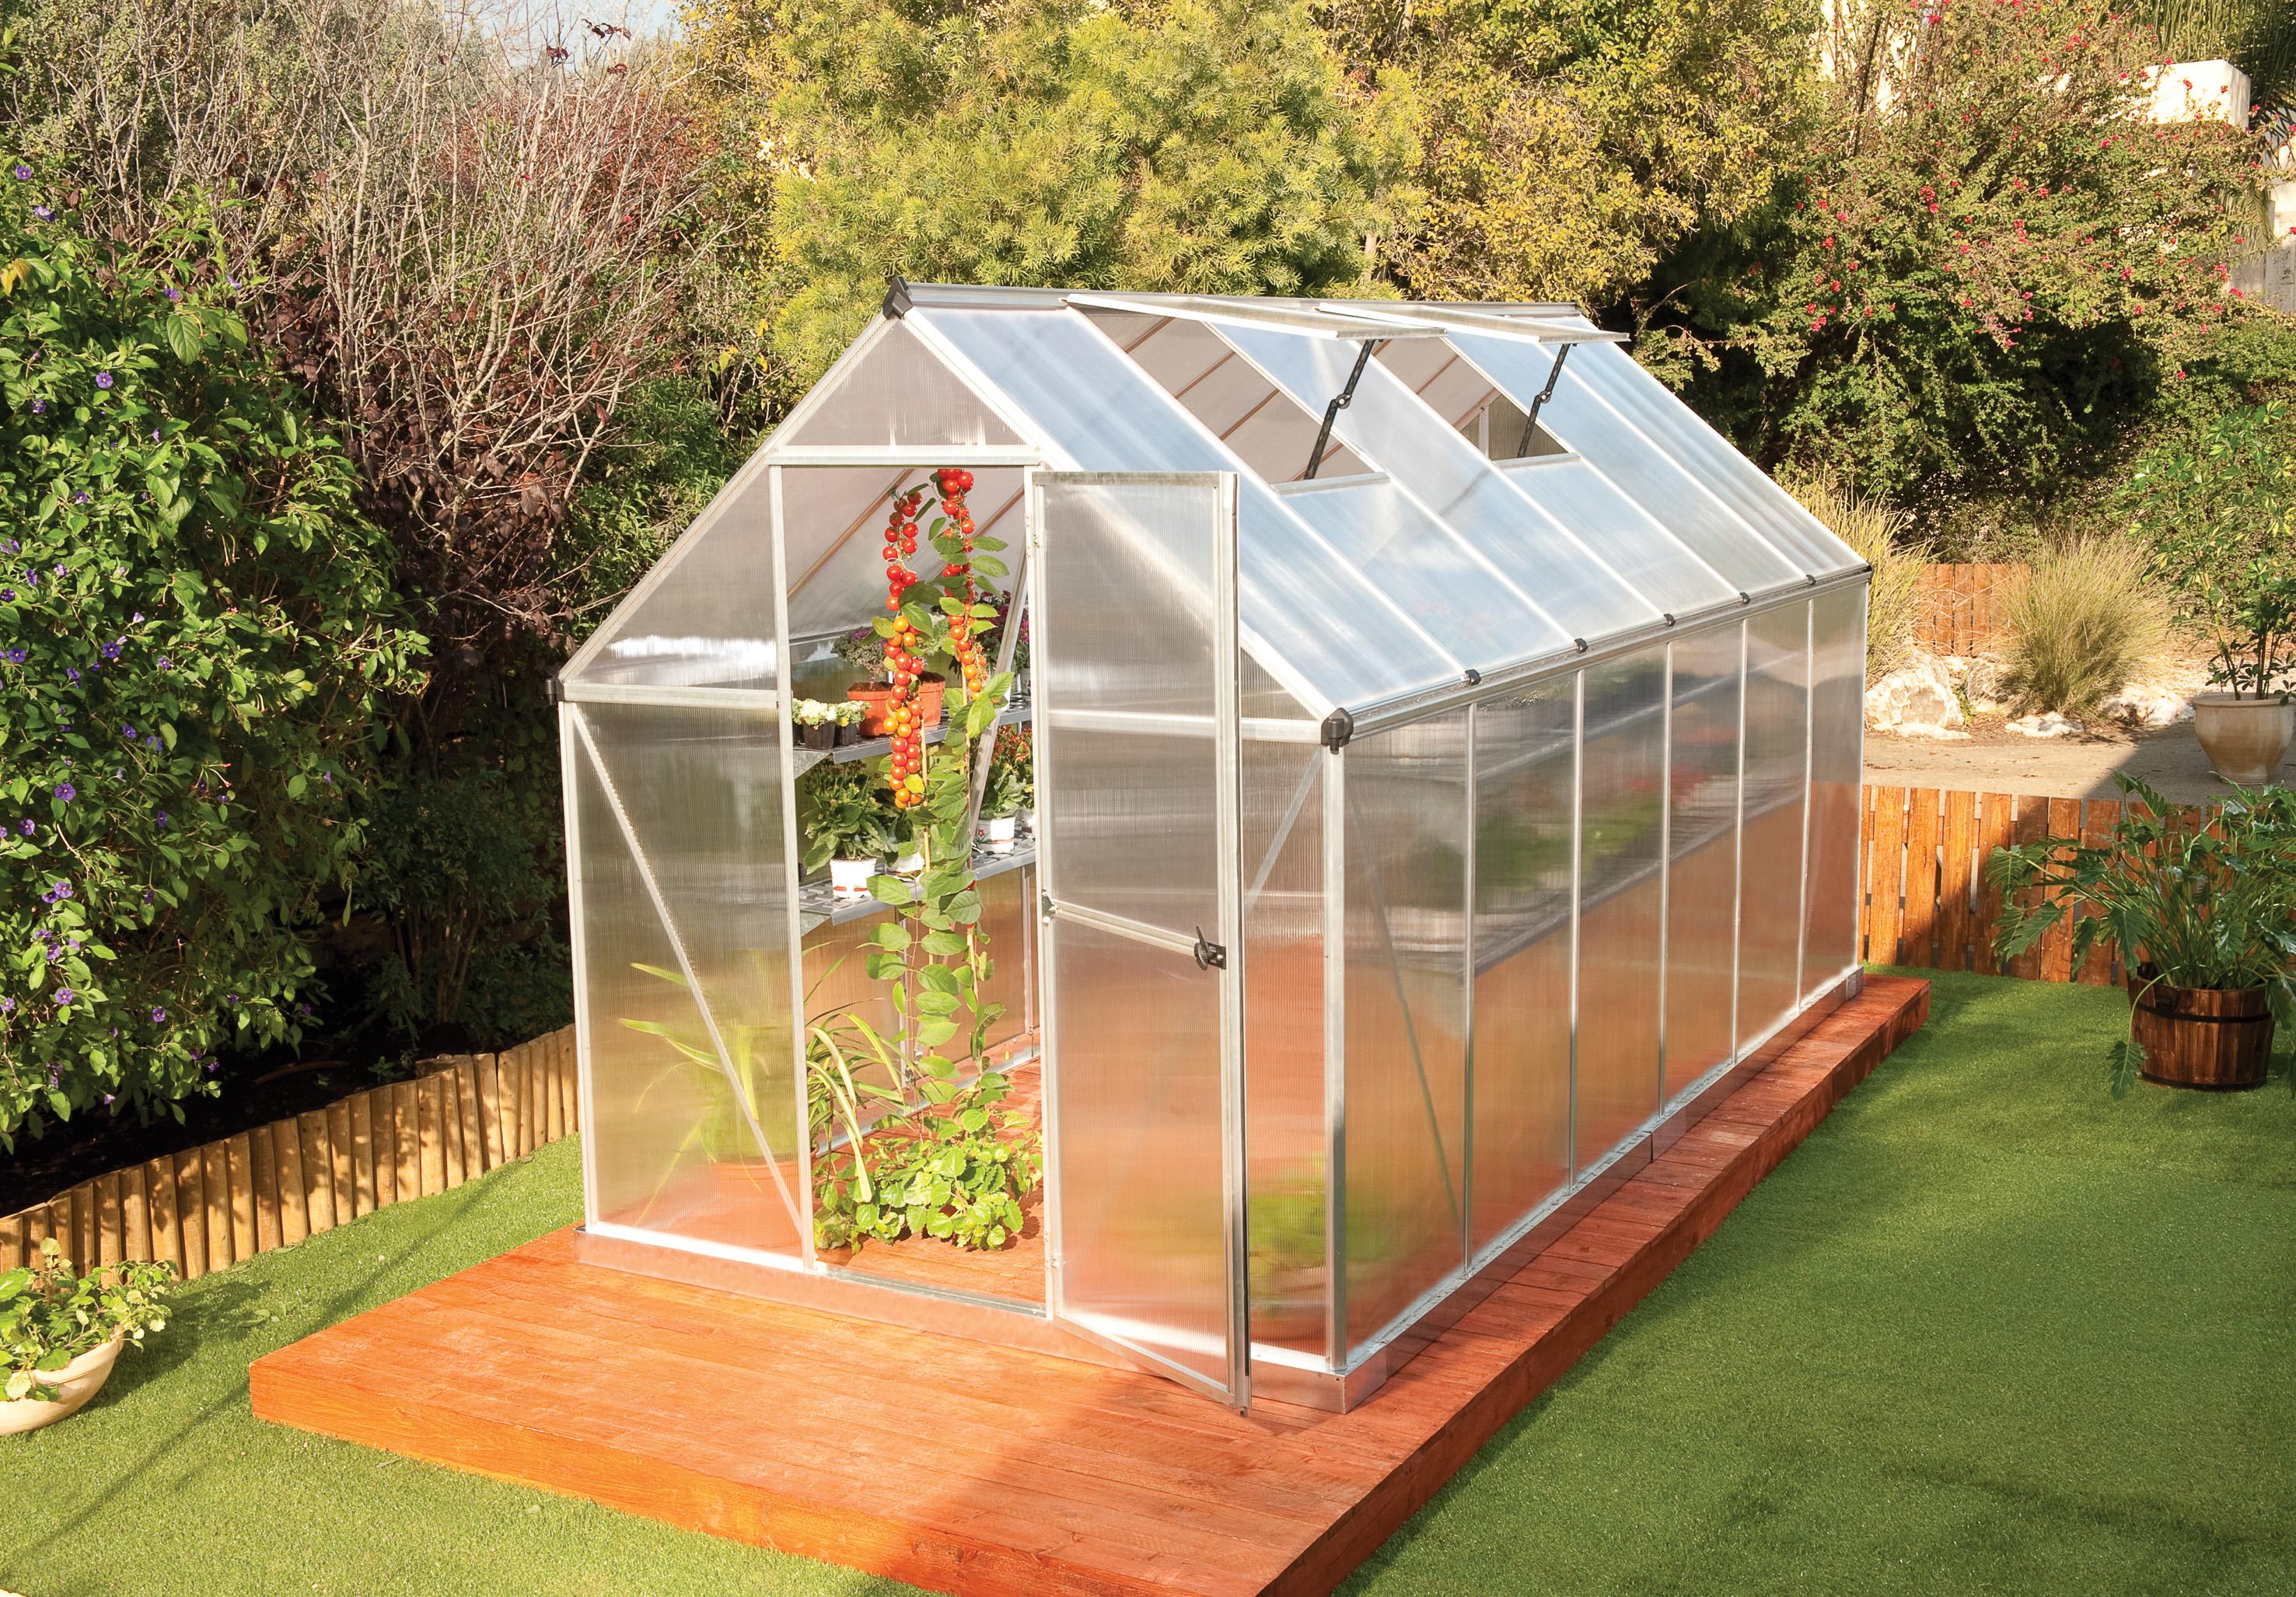 polykarbonátový skleník Palram multiline 6x12 + ZDARMA základna skleníku + ZDARMA strunová sekačka Fieldmann FZS 2000-E + hnojivo Biocin + prodloužená ZÁRUKA 10 LET